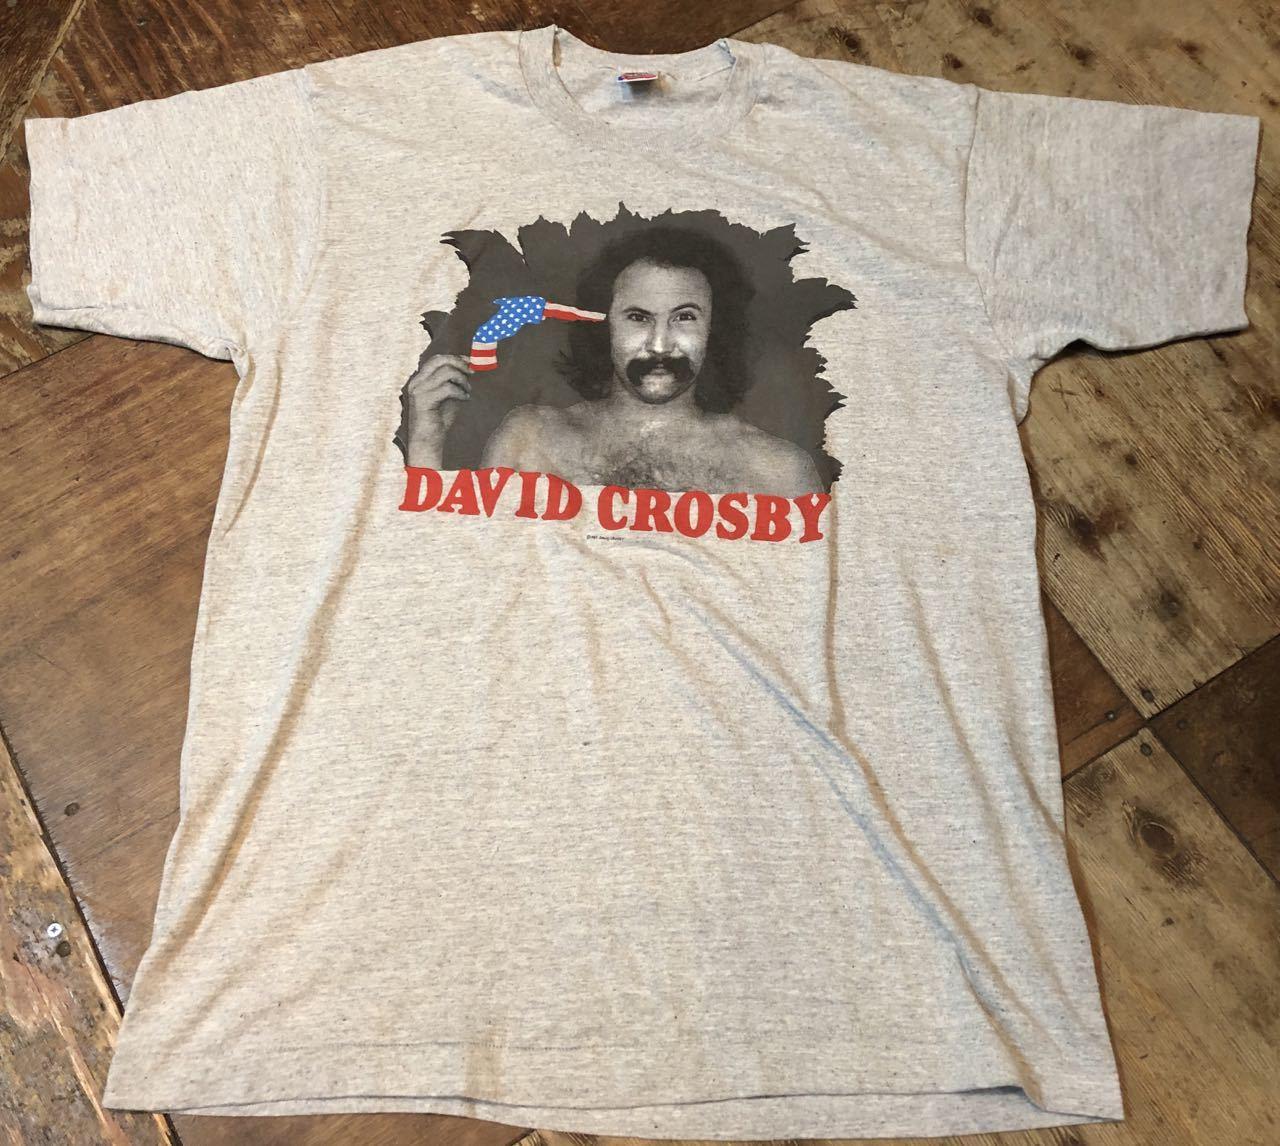 7月26日(土)入荷!MADE IN U.S.A 90s DAVID CROSBY デビッド クロスビー Tシャツ!_c0144020_12440491.jpg